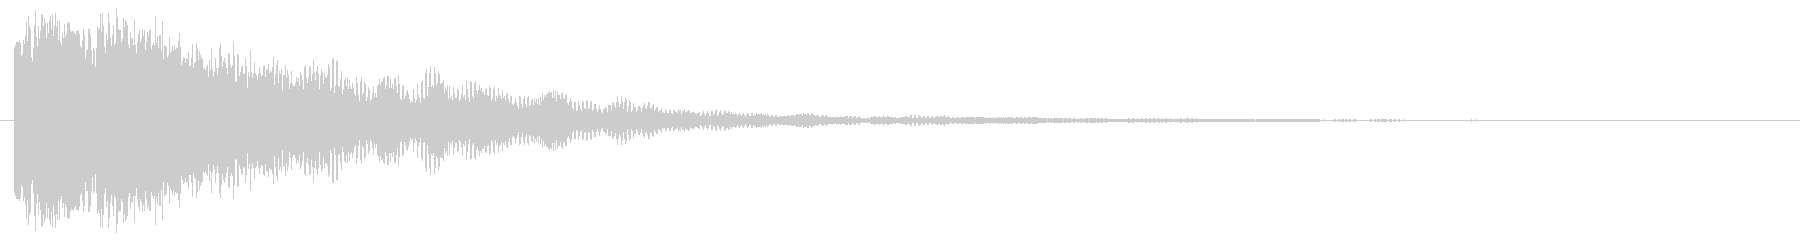 キラーン(体力回復音)の未再生の波形